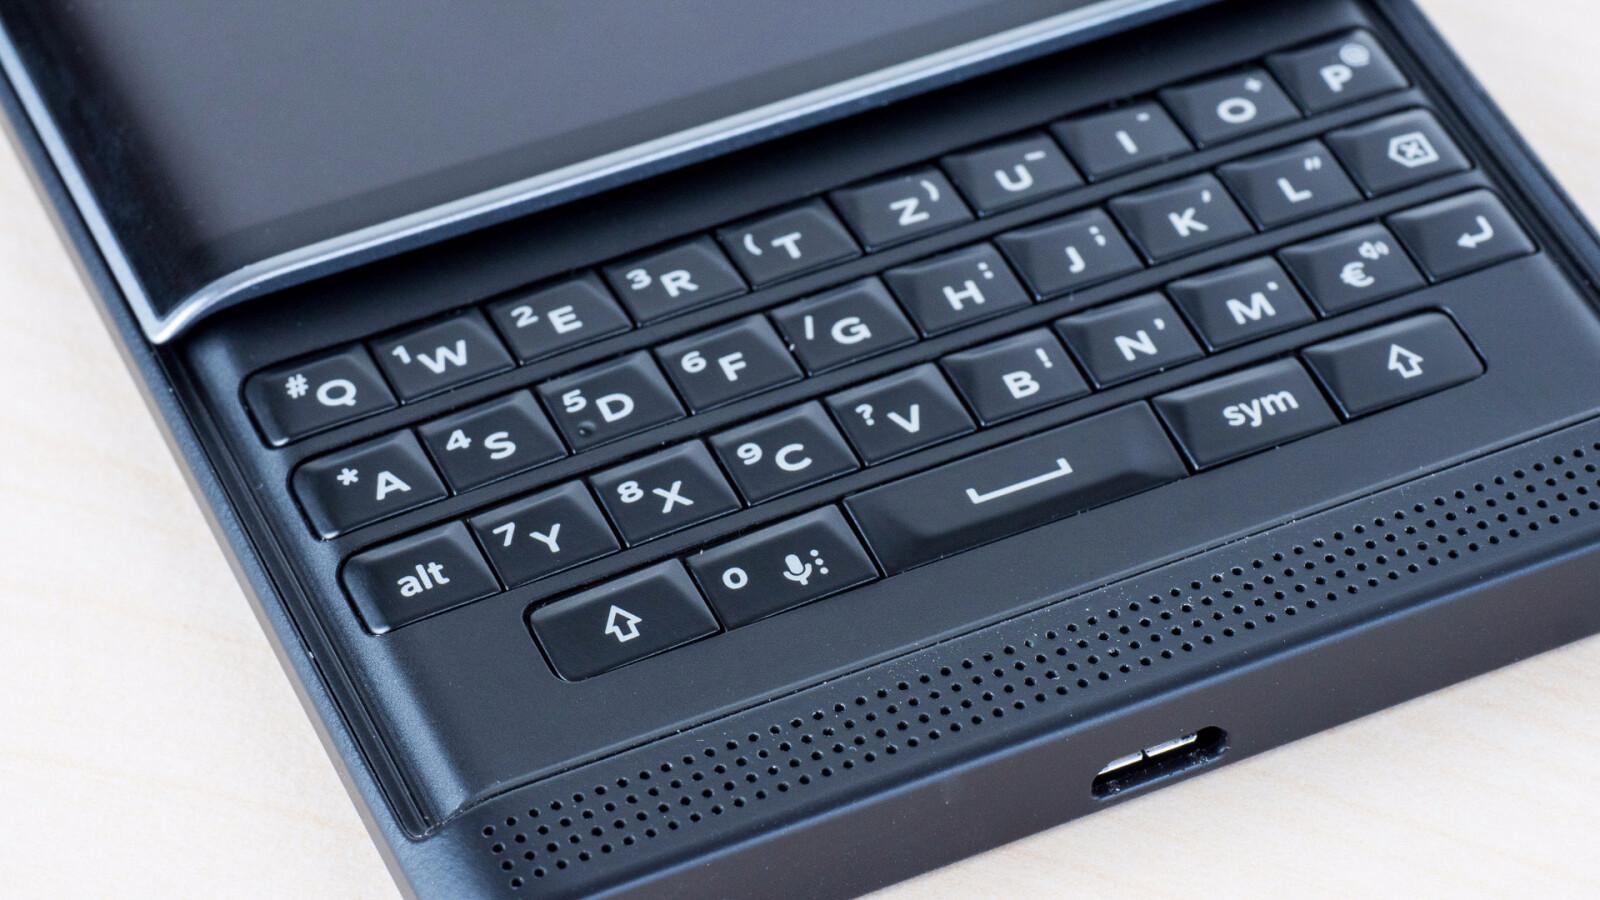 blackberry priv im unboxing android slider ausgepackt. Black Bedroom Furniture Sets. Home Design Ideas